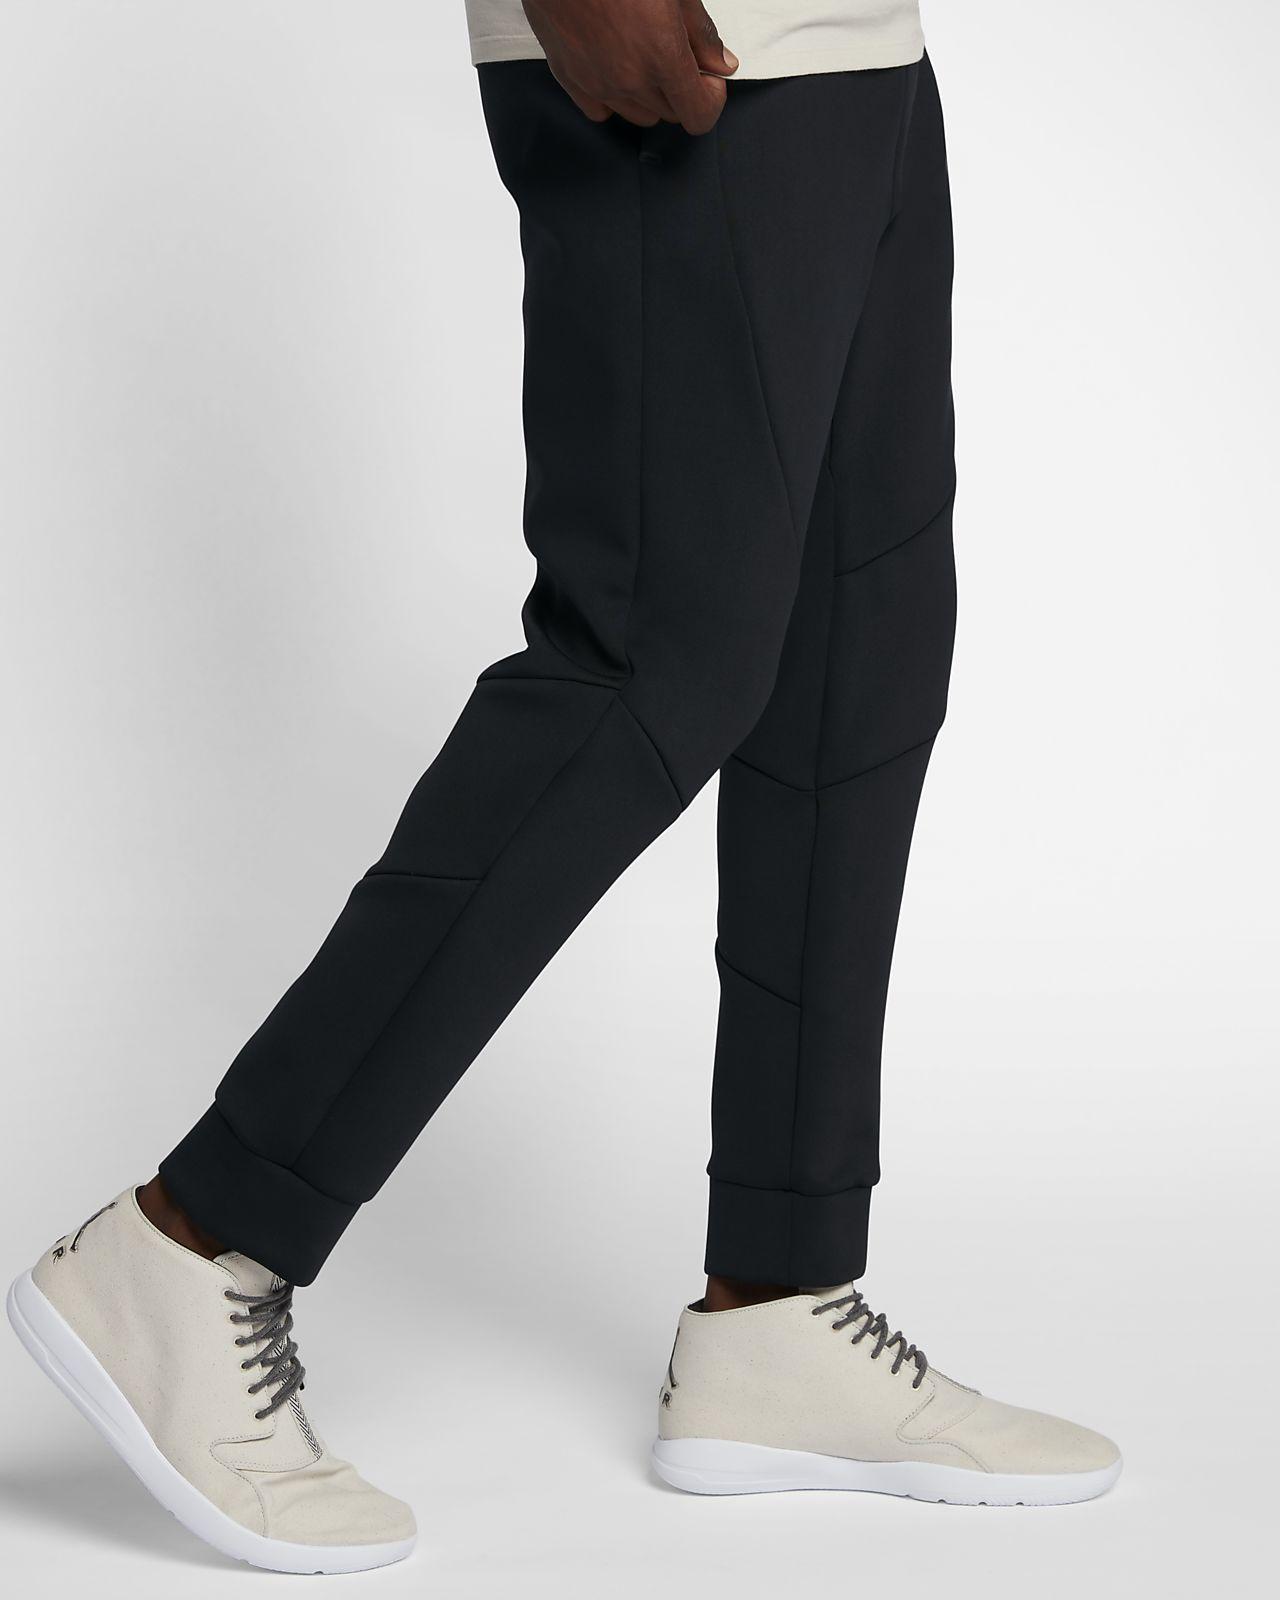 Jordan Sportswear Flight Tech Pantalón de tejido Fleece - Hombre